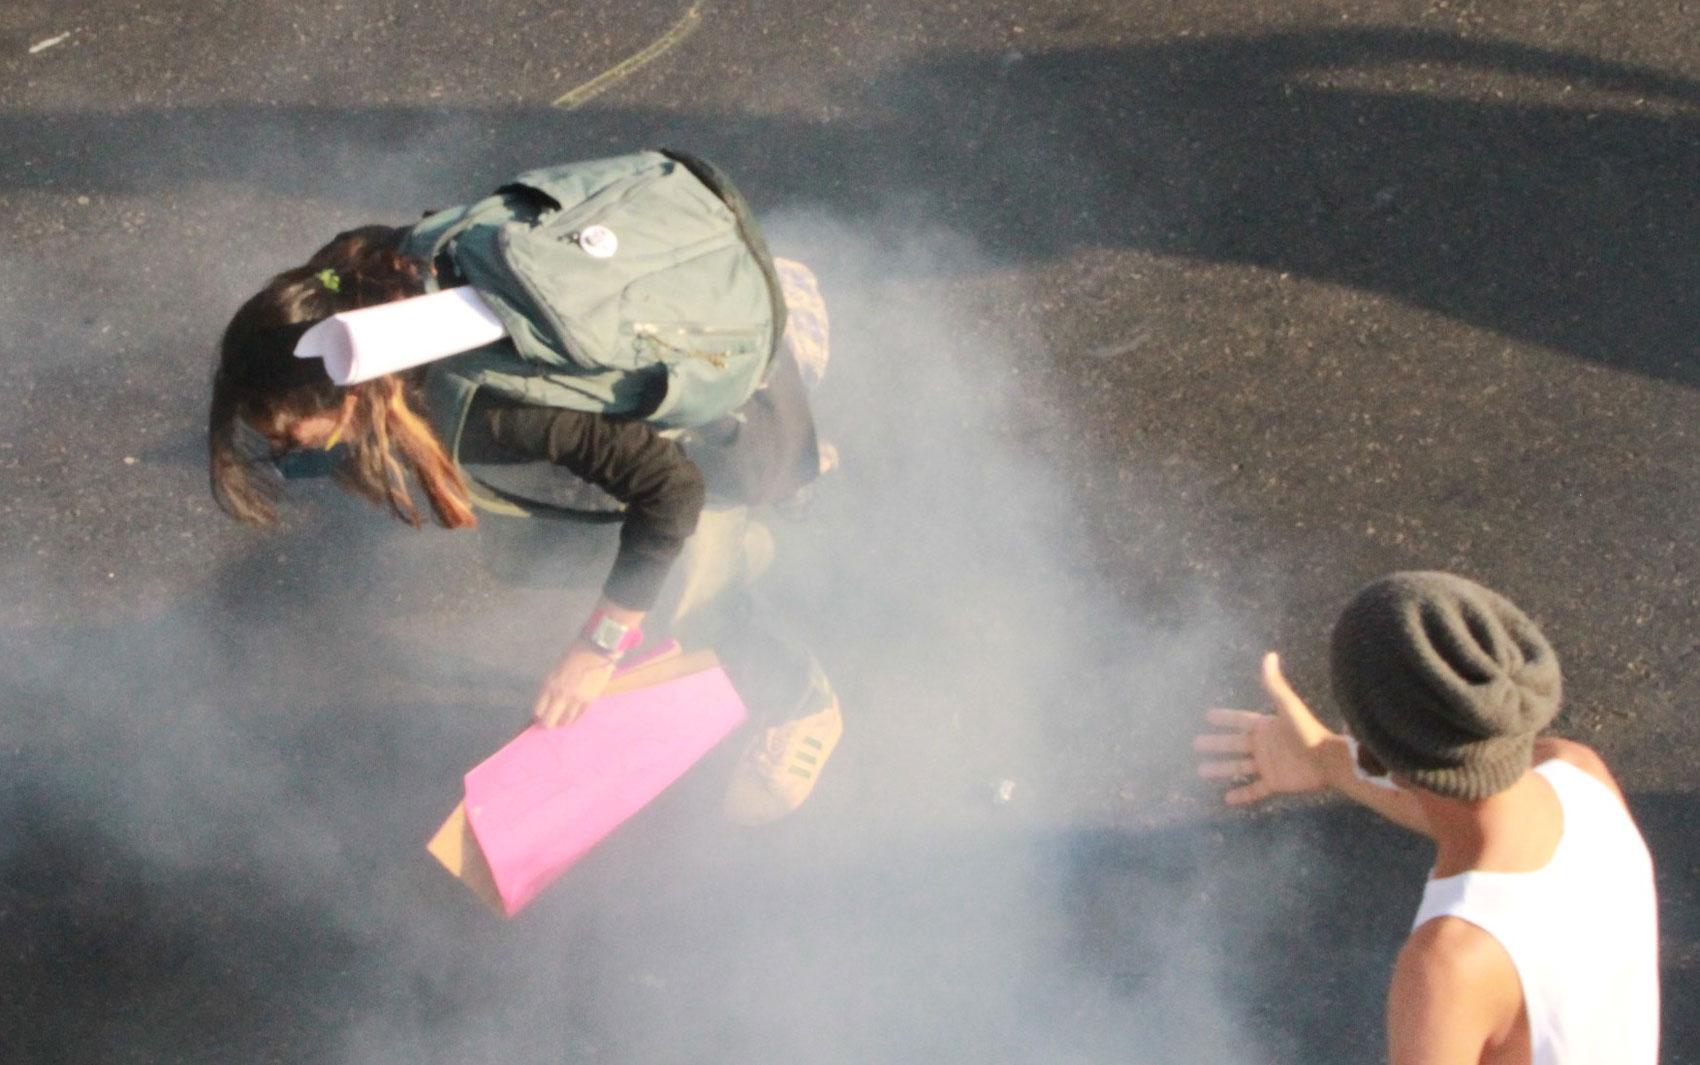 Manifestante é atingida por gás lacrimogênio na região do Maracanã